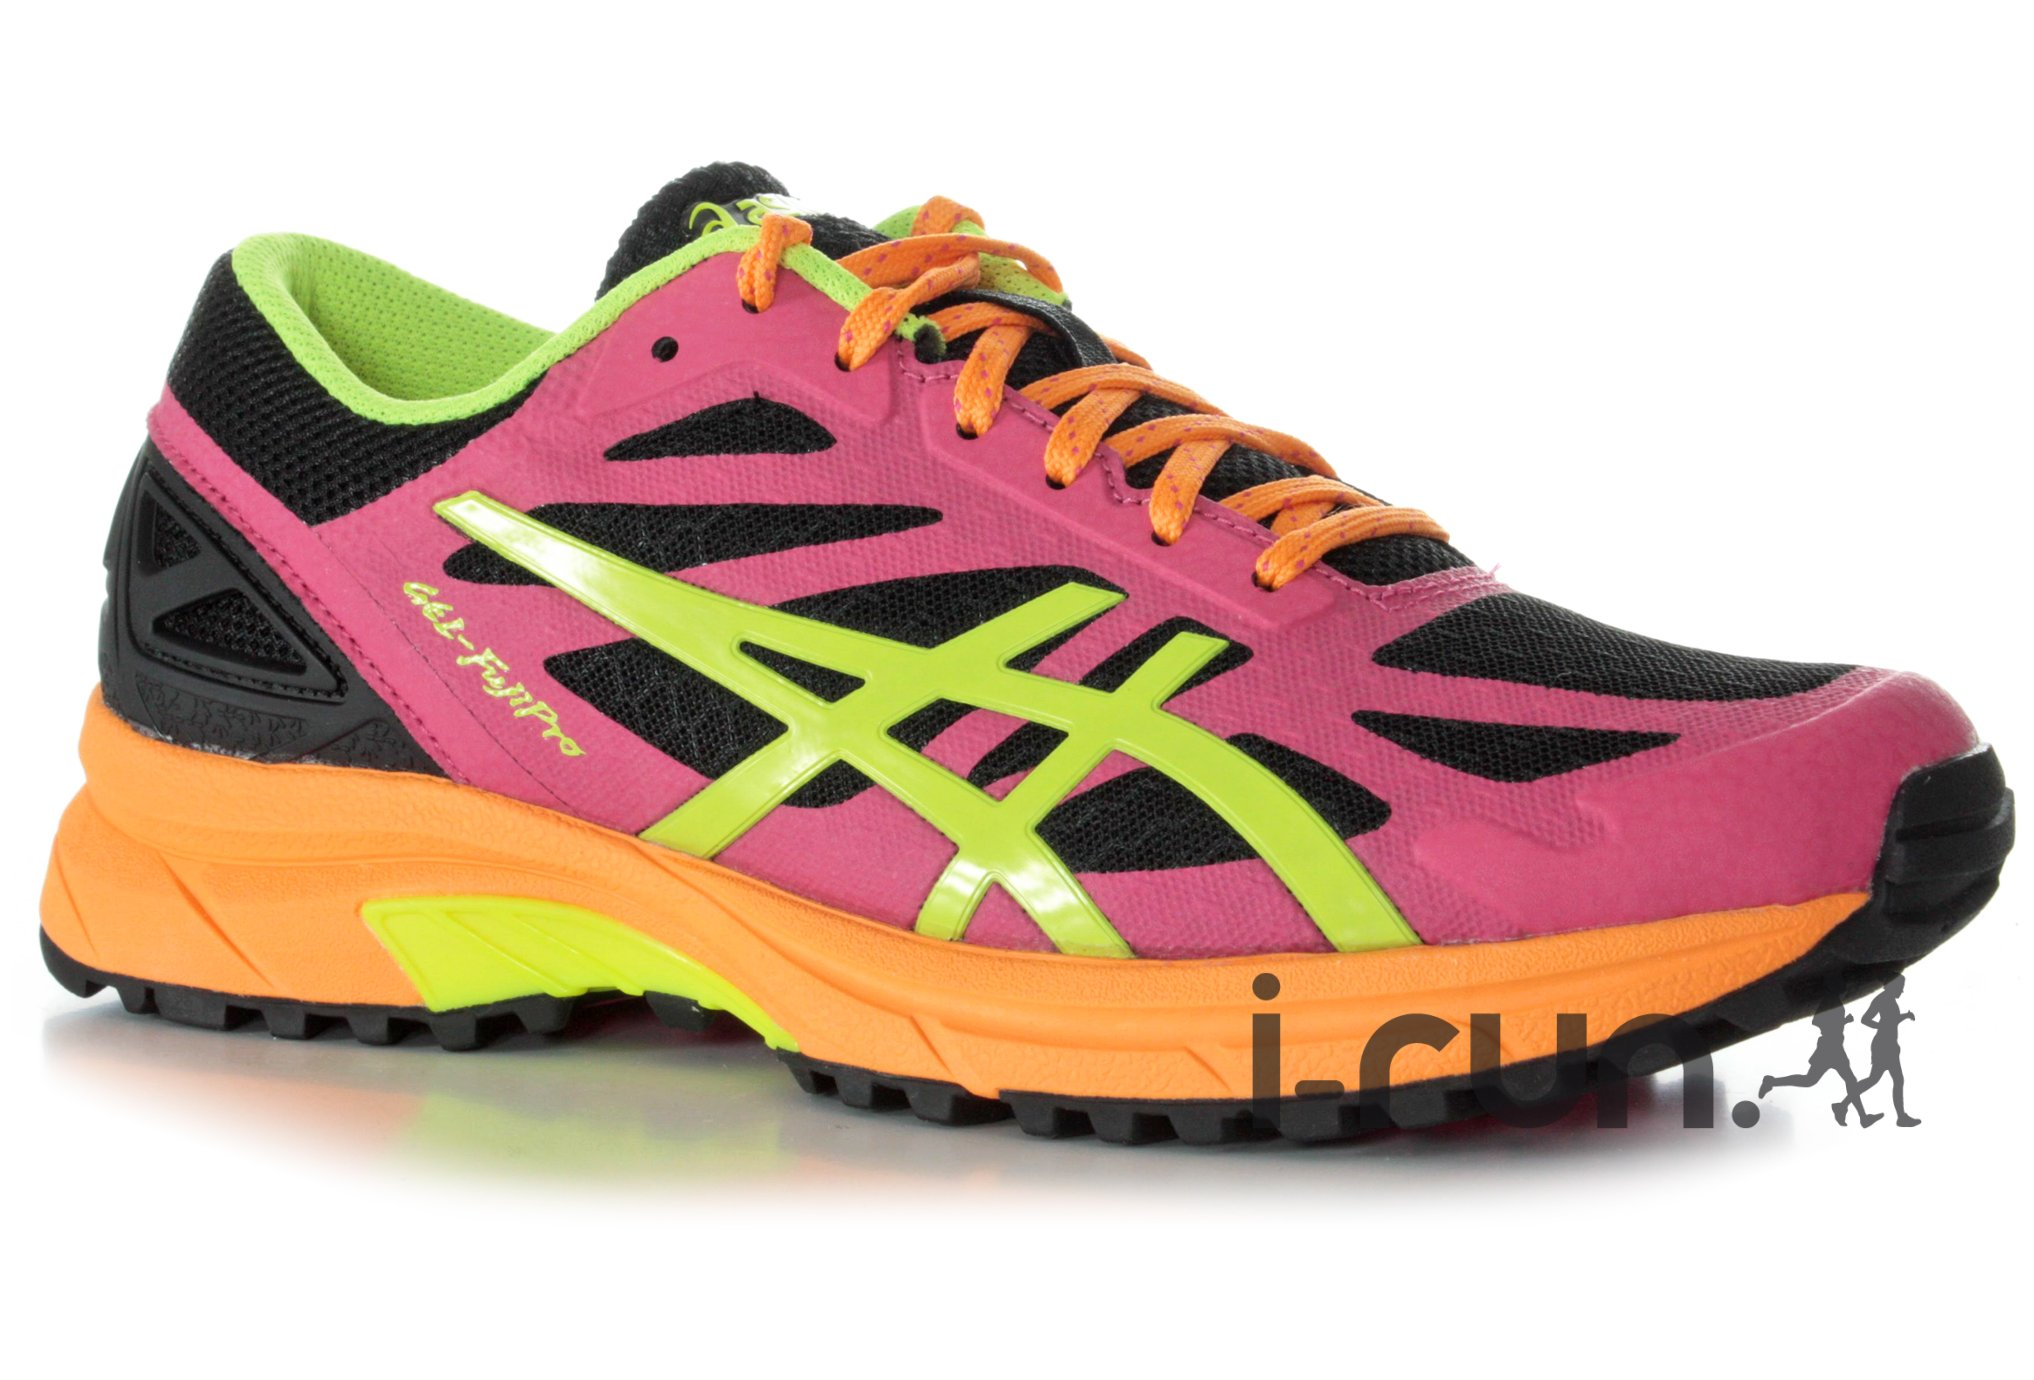 Asics Gel-Fujipro w diététique chaussures femme